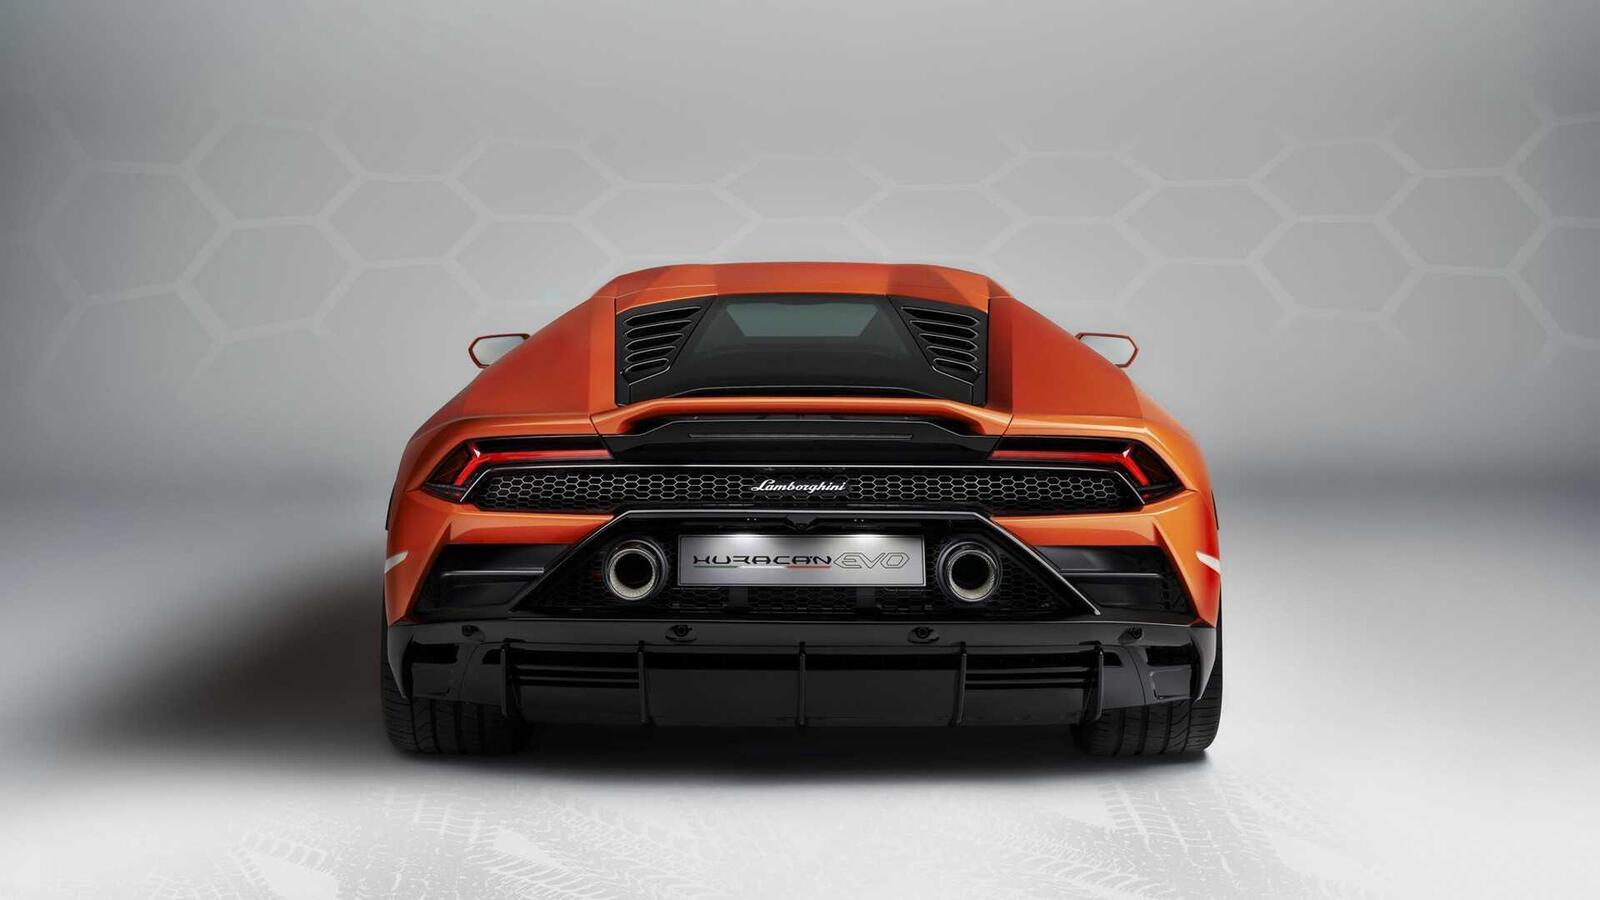 Lamborghini giới thiệu Huracan EVO mới với sức mạnh 640 mã lực - Hình 18